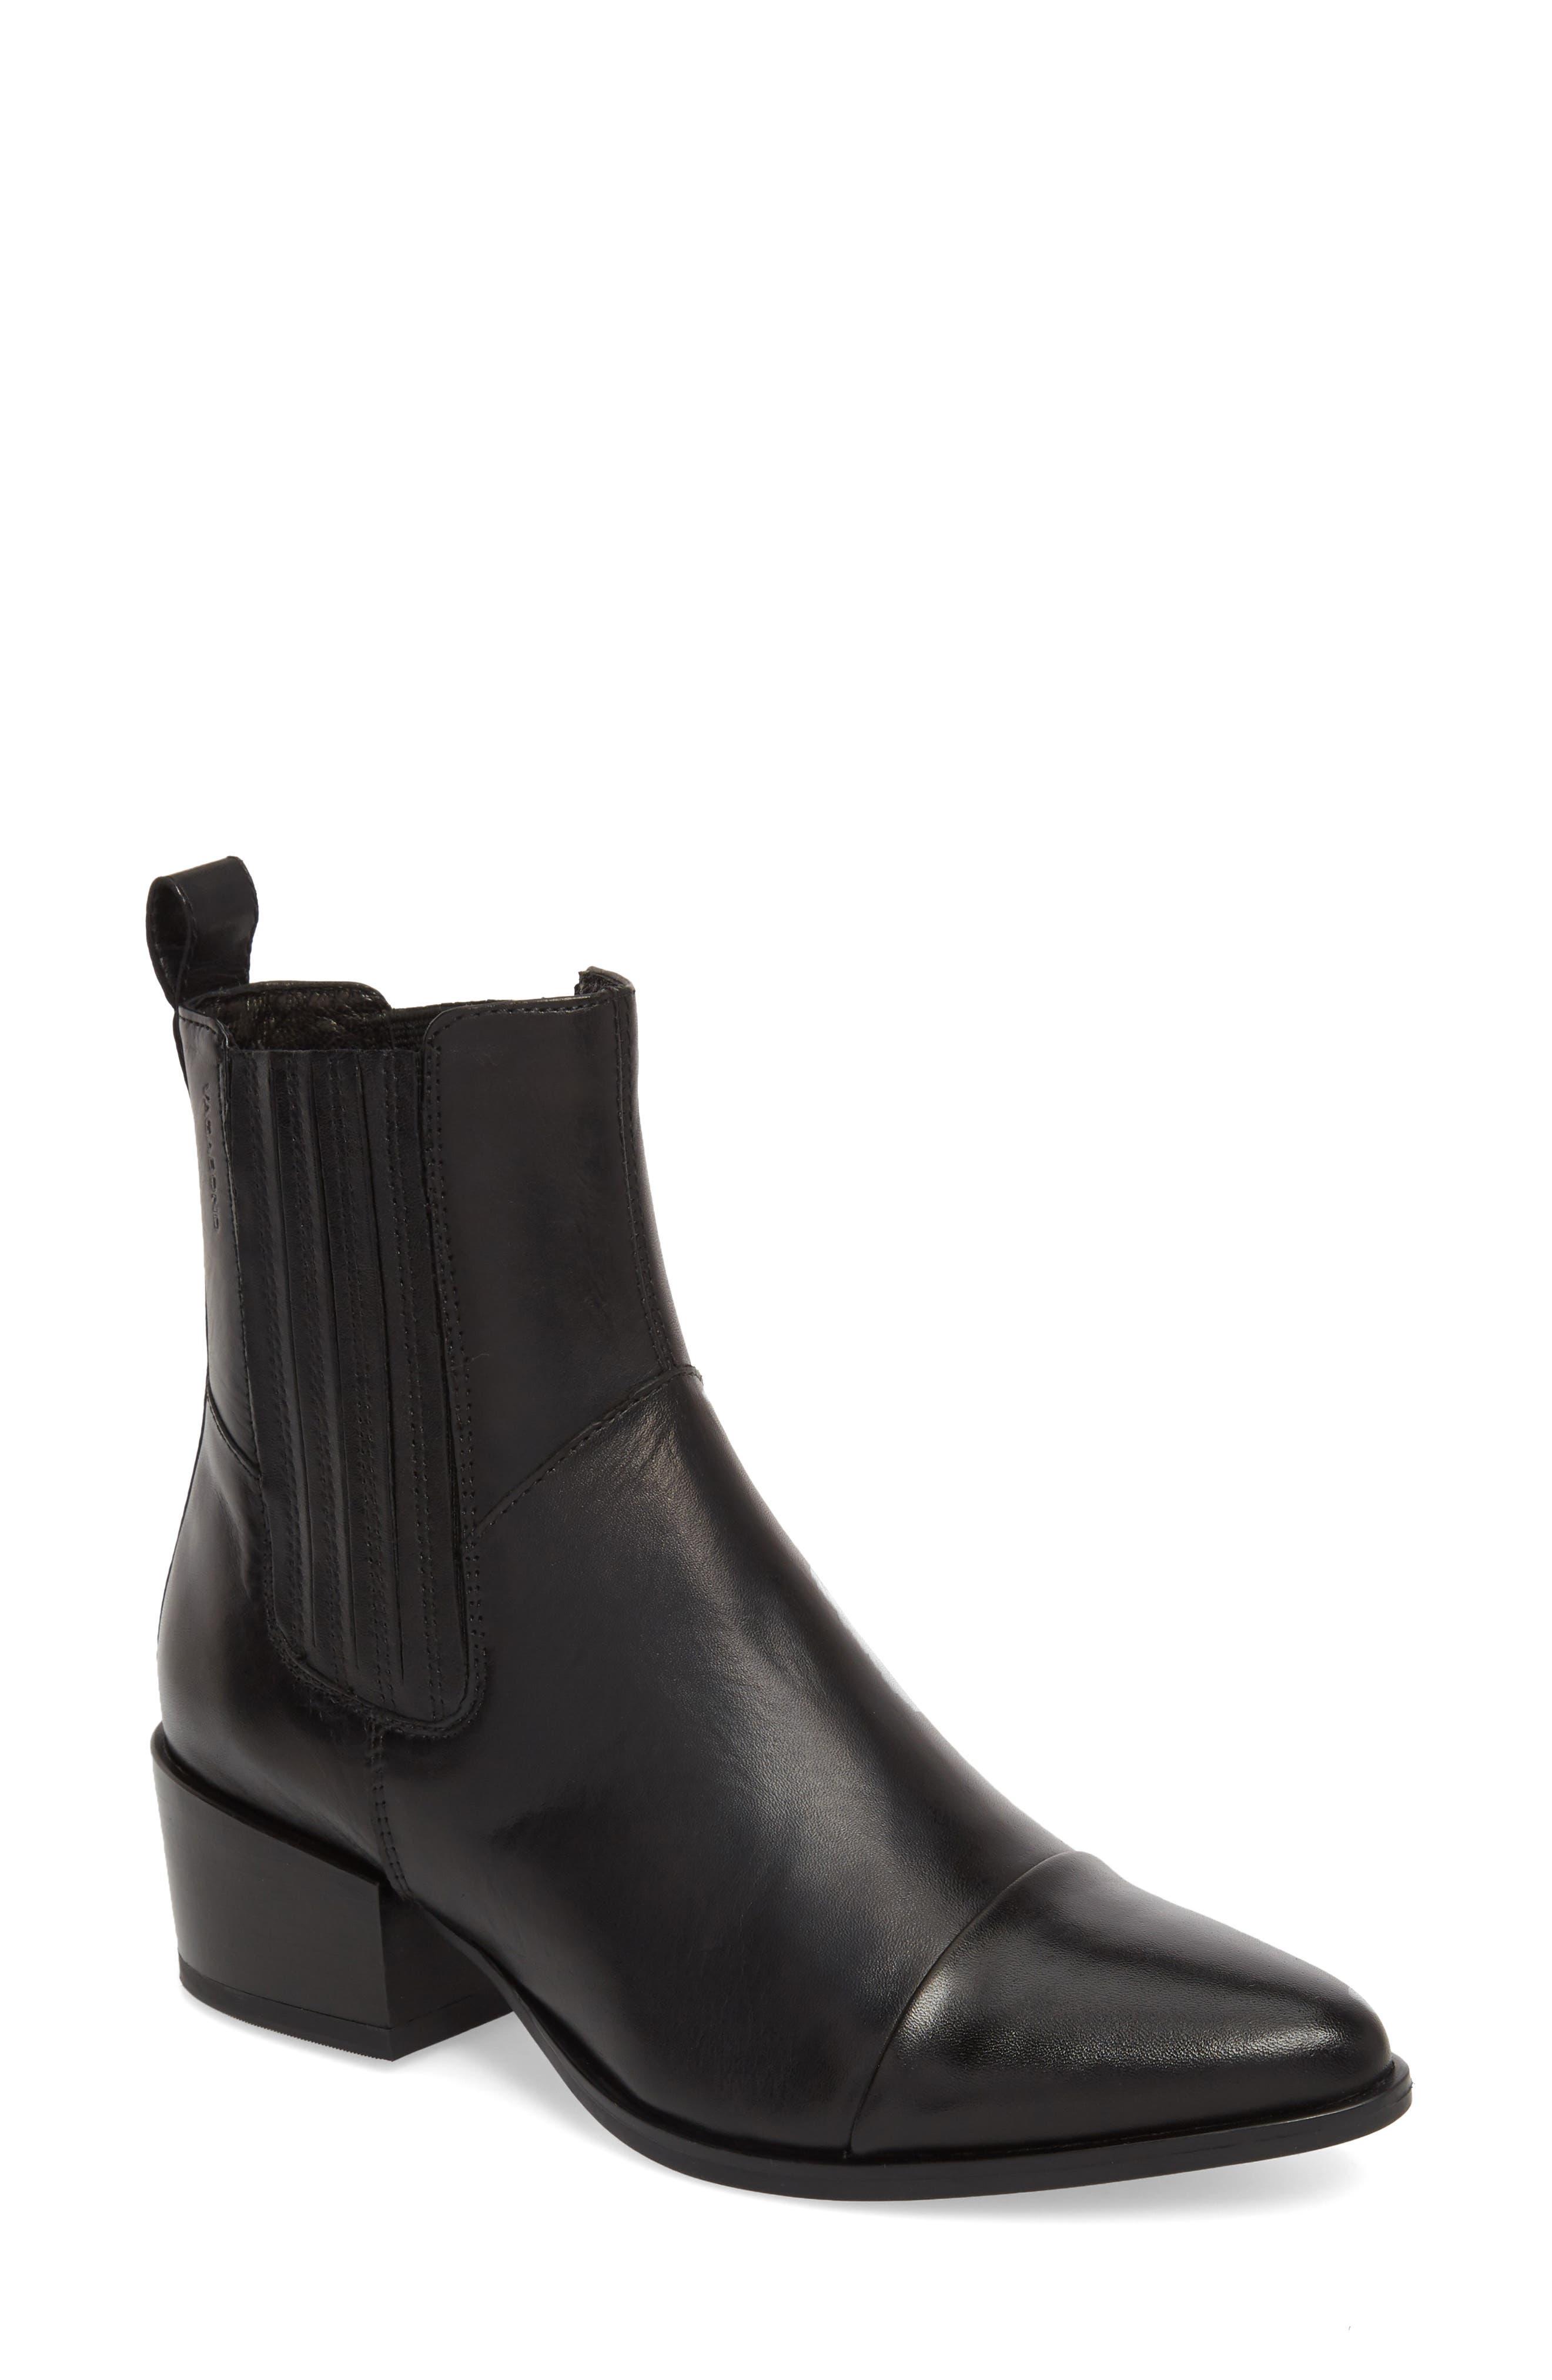 VAGABOND Shoemakers Marja Cap Toe Bootie, Main, color, BLACK LEATHER